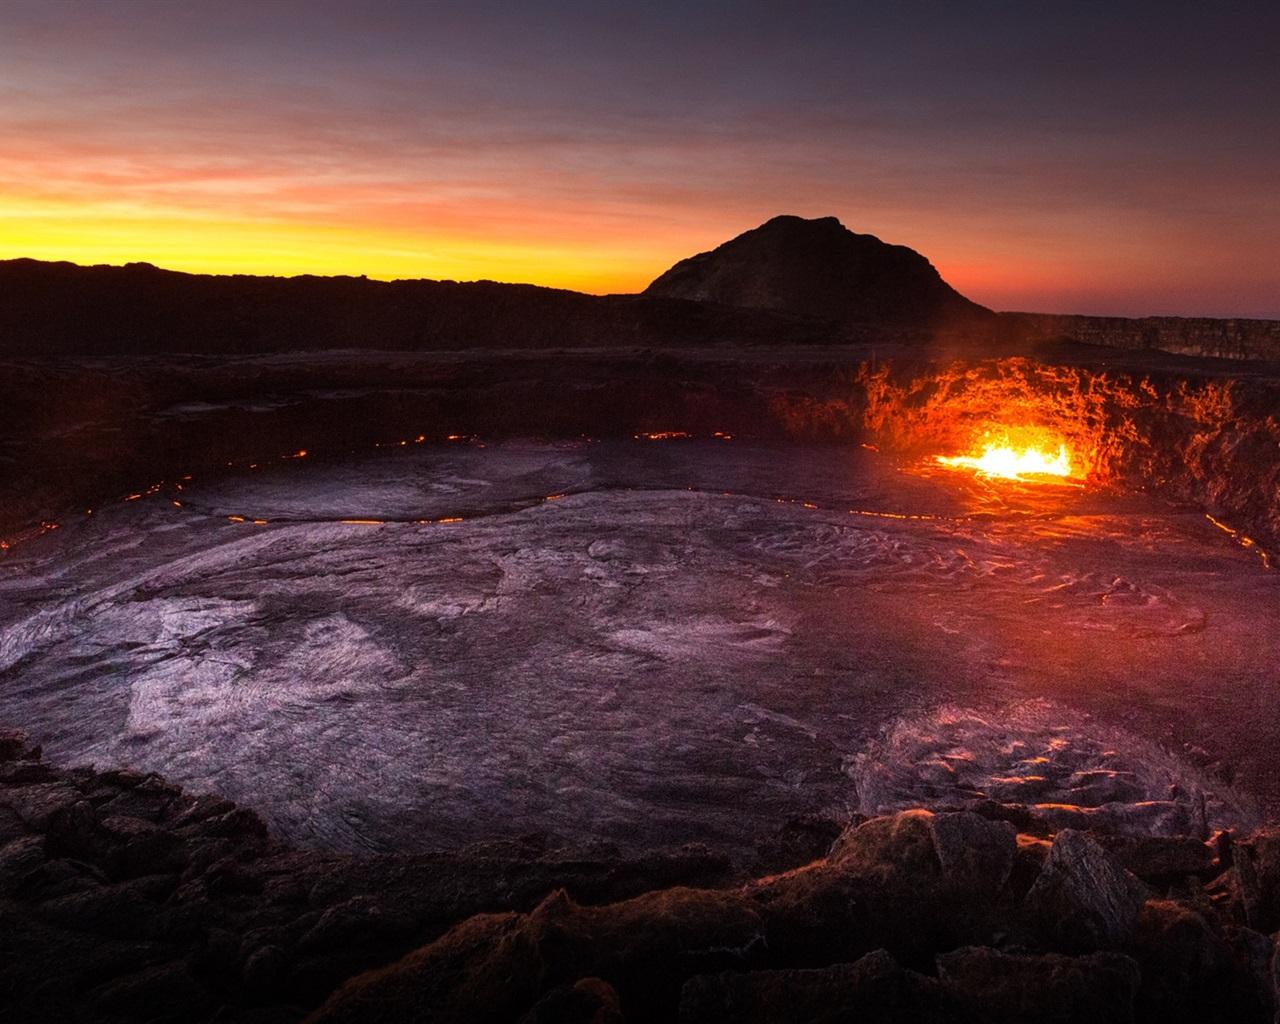 Fondos De Pantalla De Lava: Fondos De Pantalla África, Etiopía, Volcán, Lava